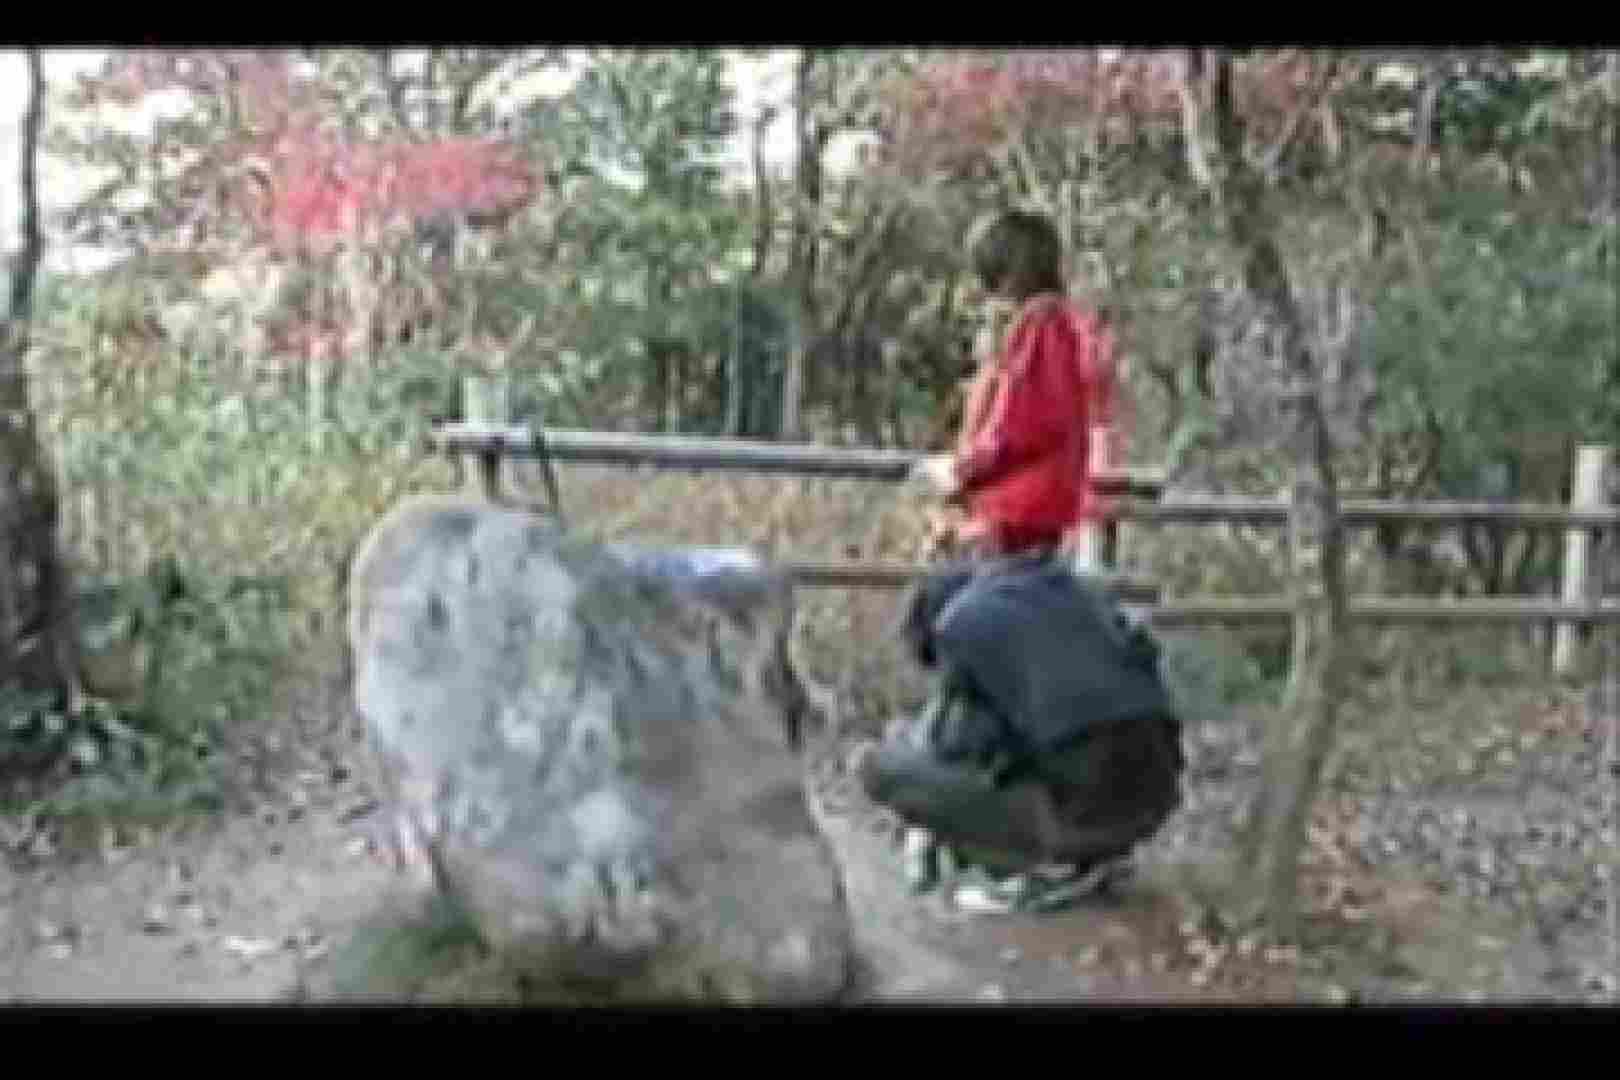 オールドゲイシリーズ  美少年ひかるのオープンファック 手コキ ゲイAV画像 46pic 14